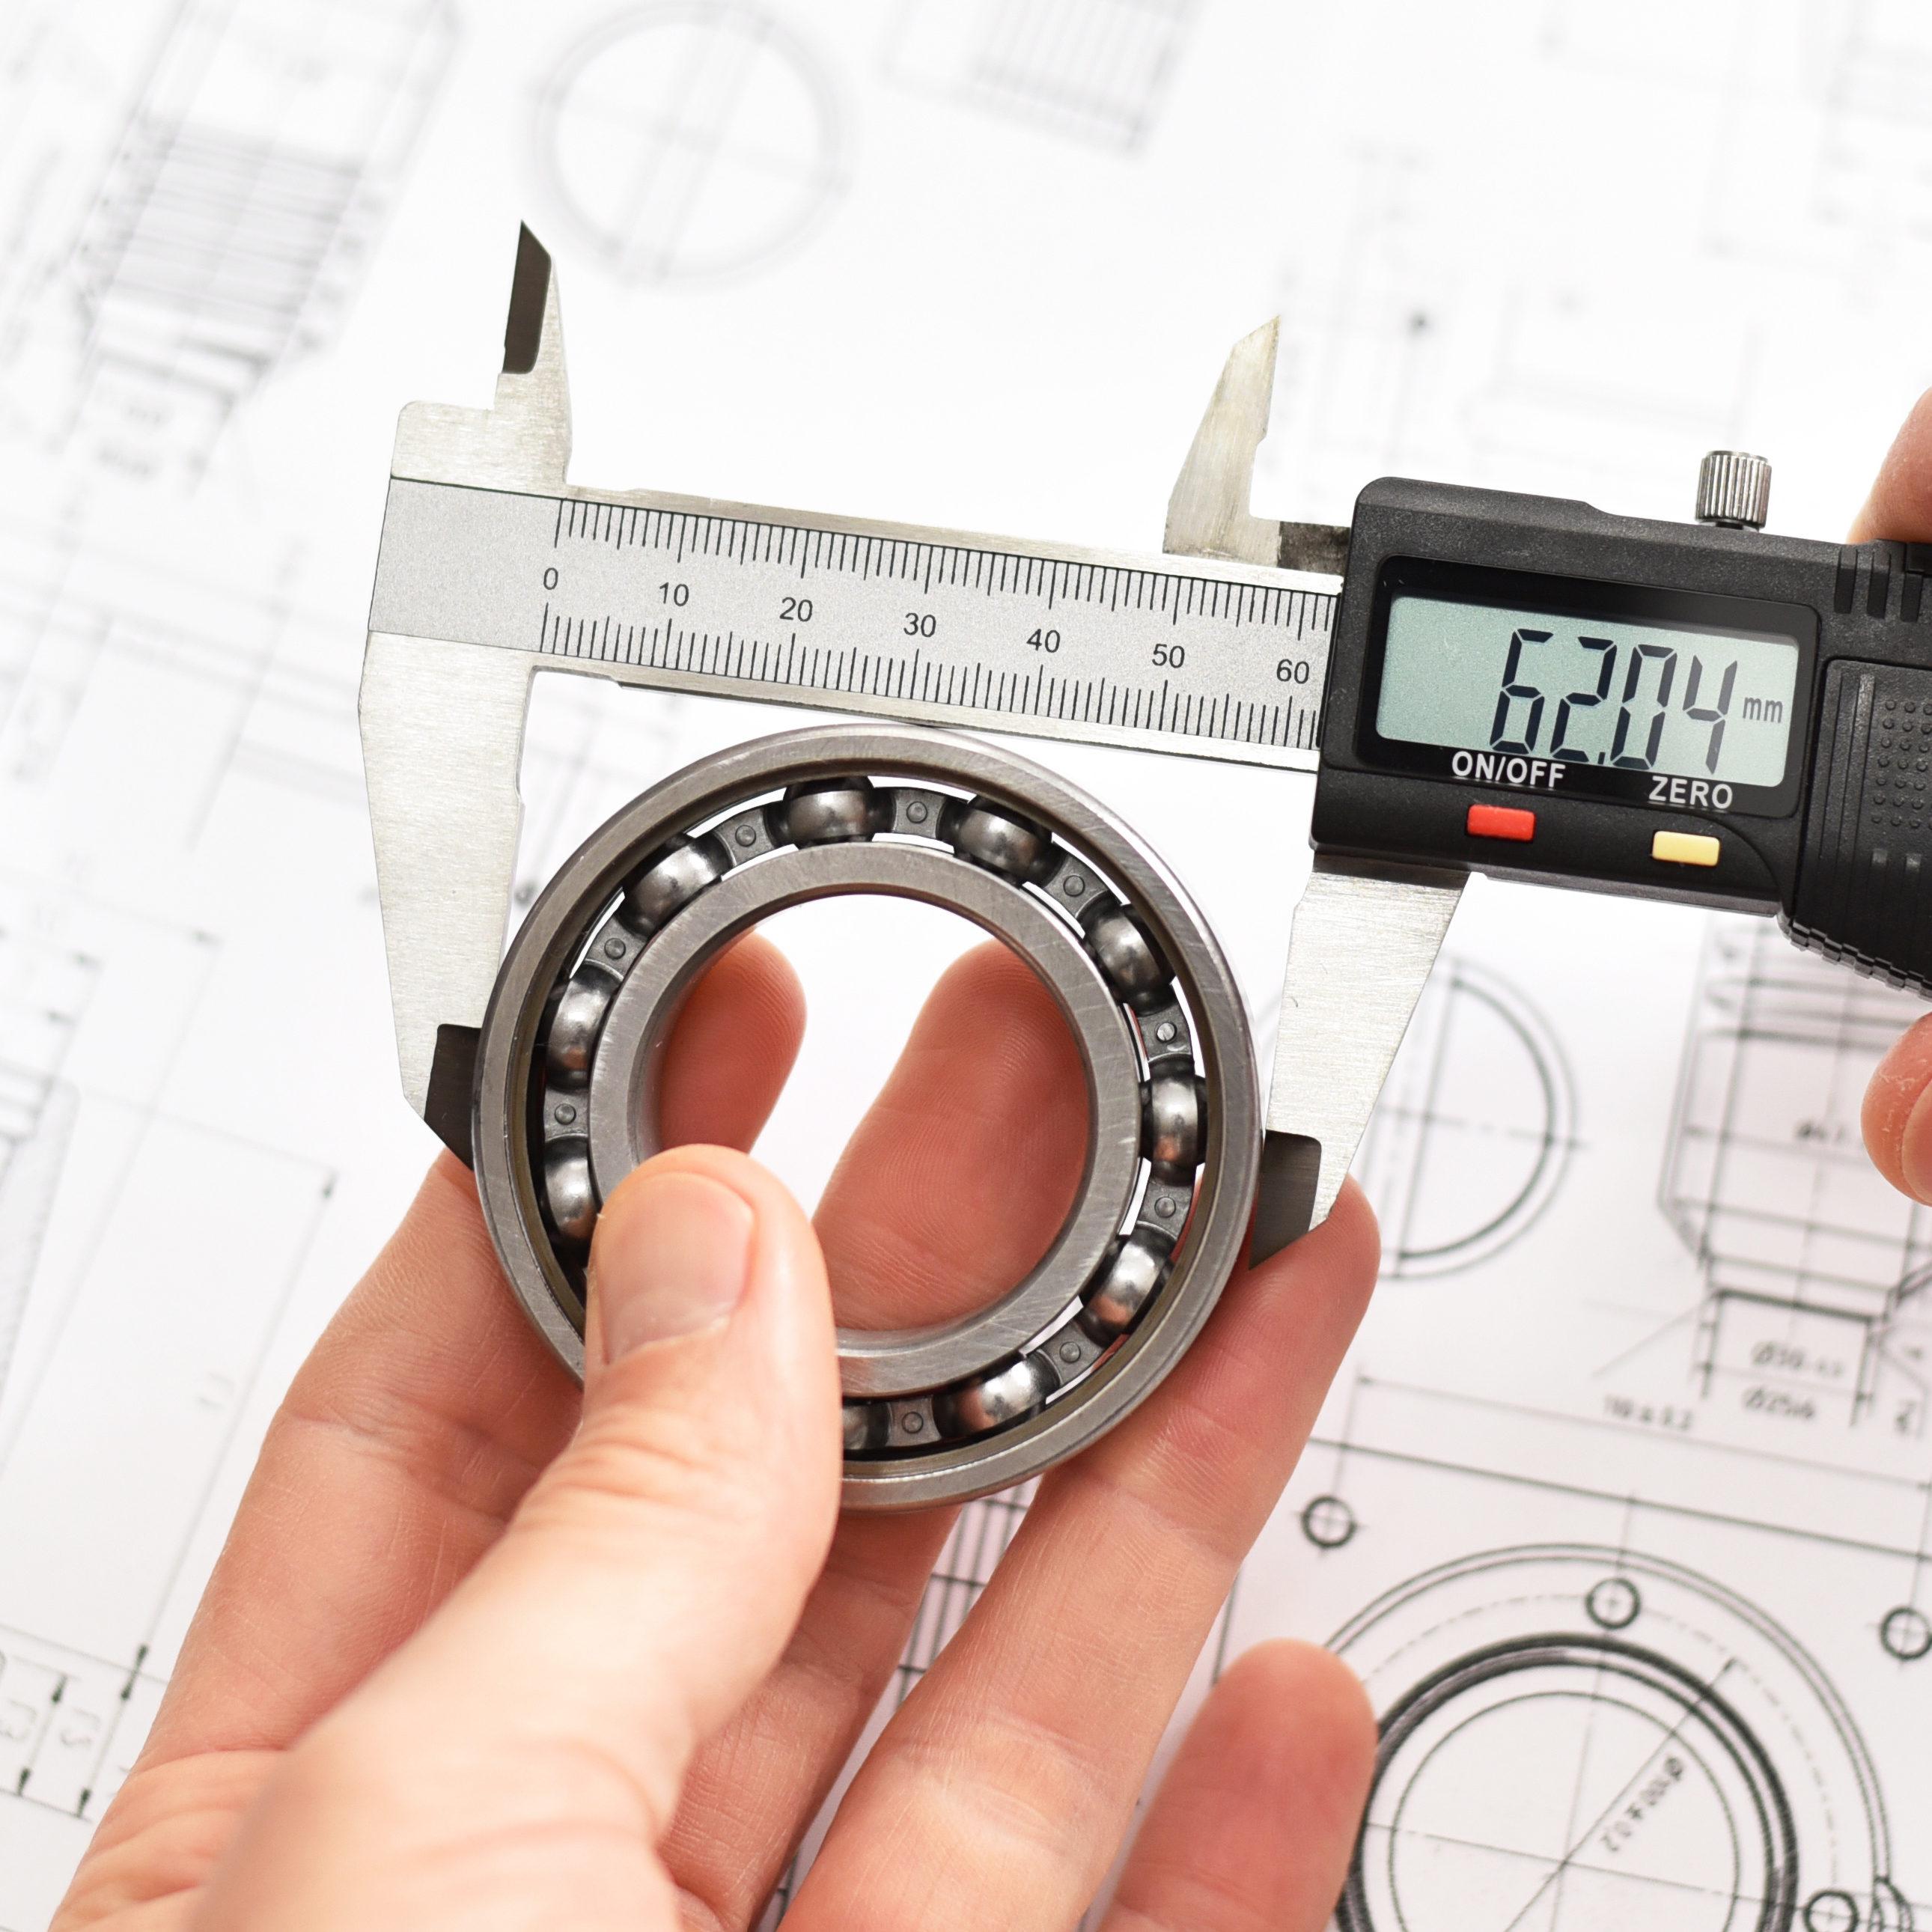 Präzision im Maschinenbau - Kontrolle der Maße mit digitalem Messschieber eines Kugellagers // engineering